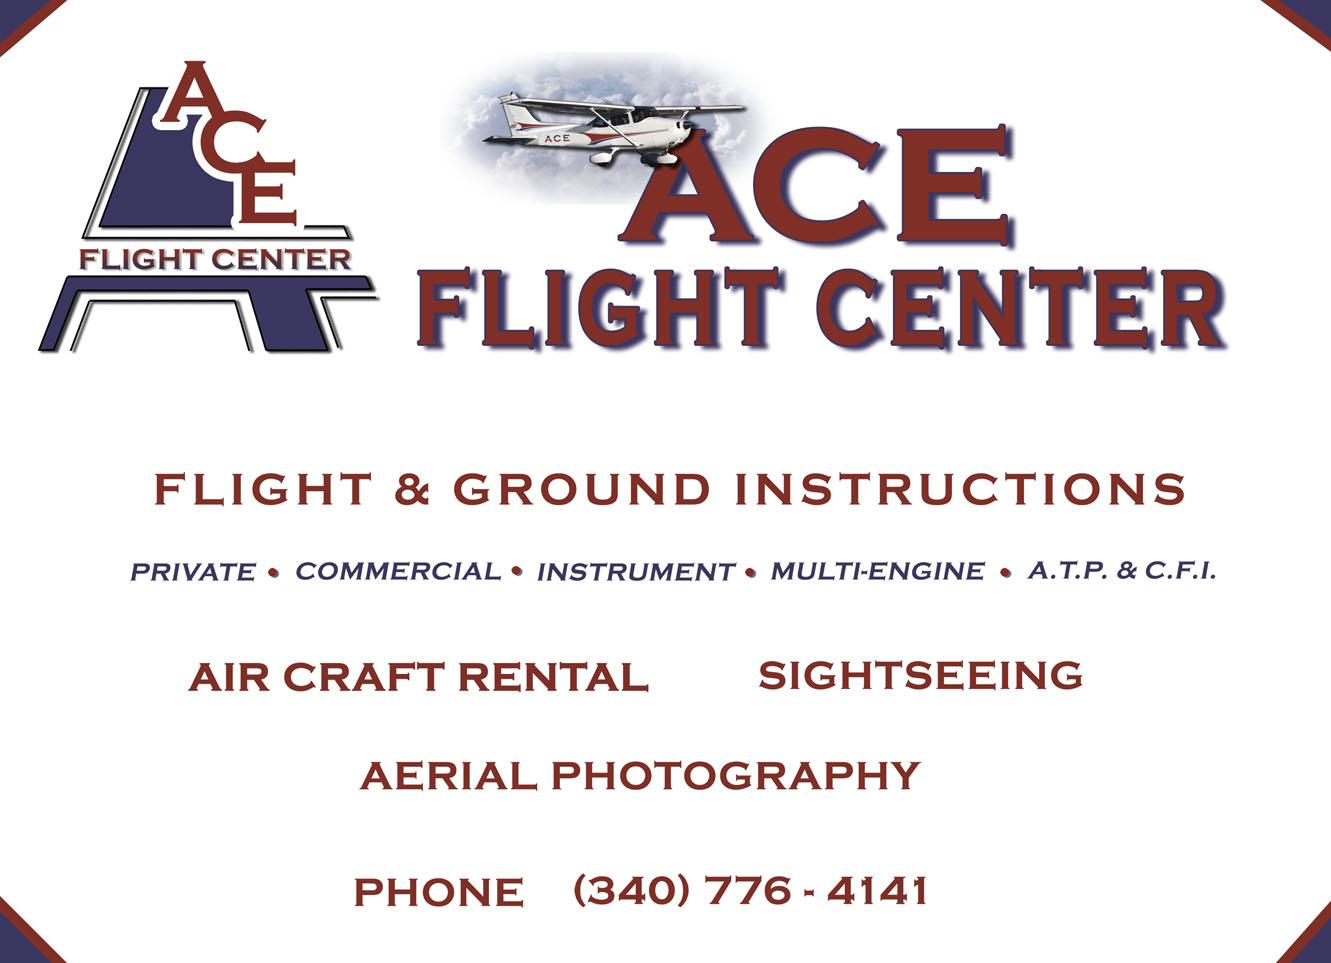 Ace Flight Center Sign.JPG